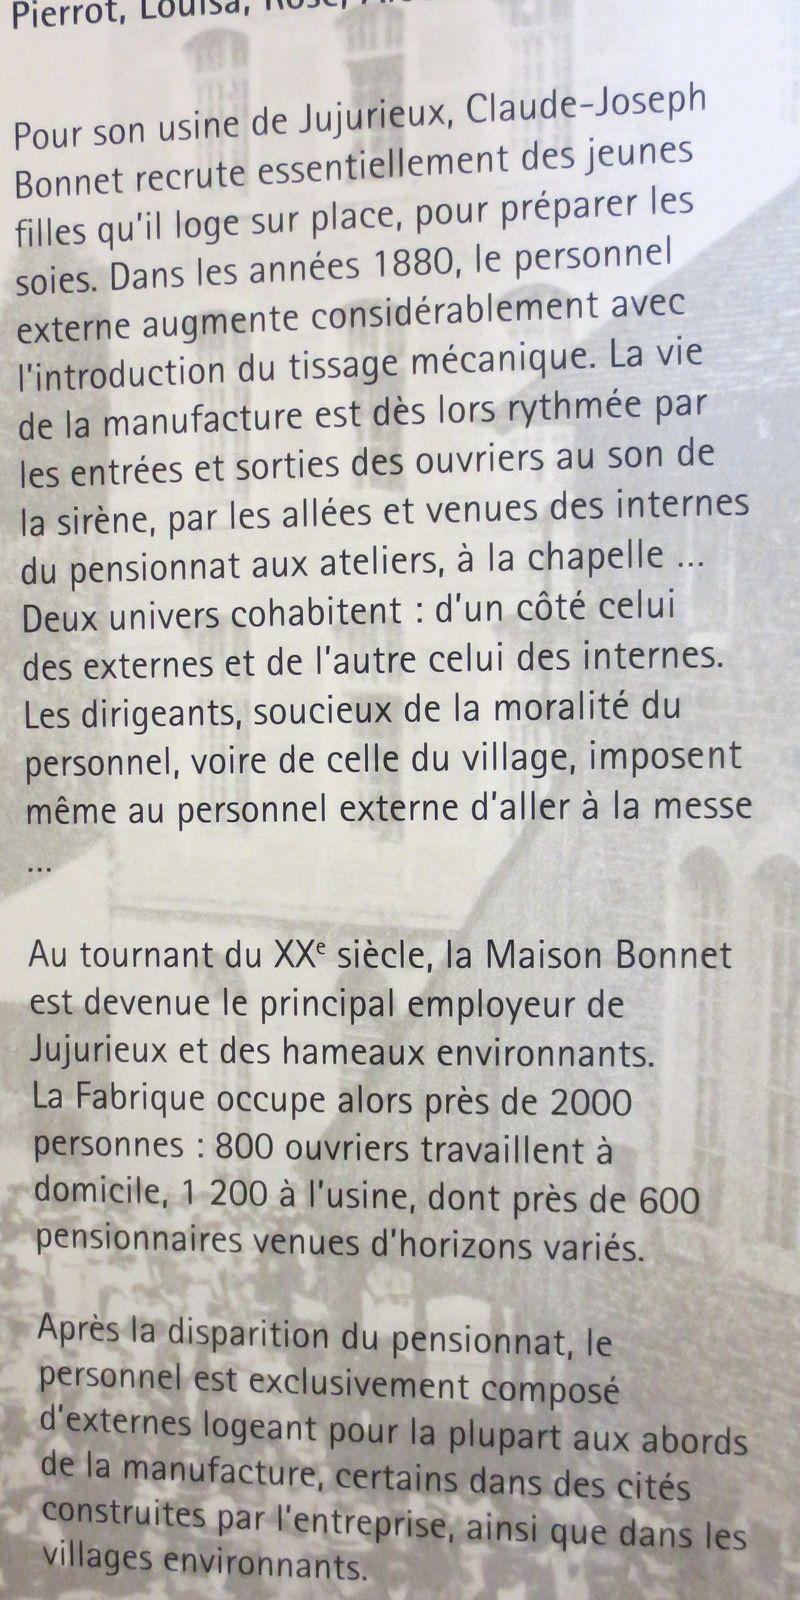 2ème partie - Soieries Bonnet - Histoire